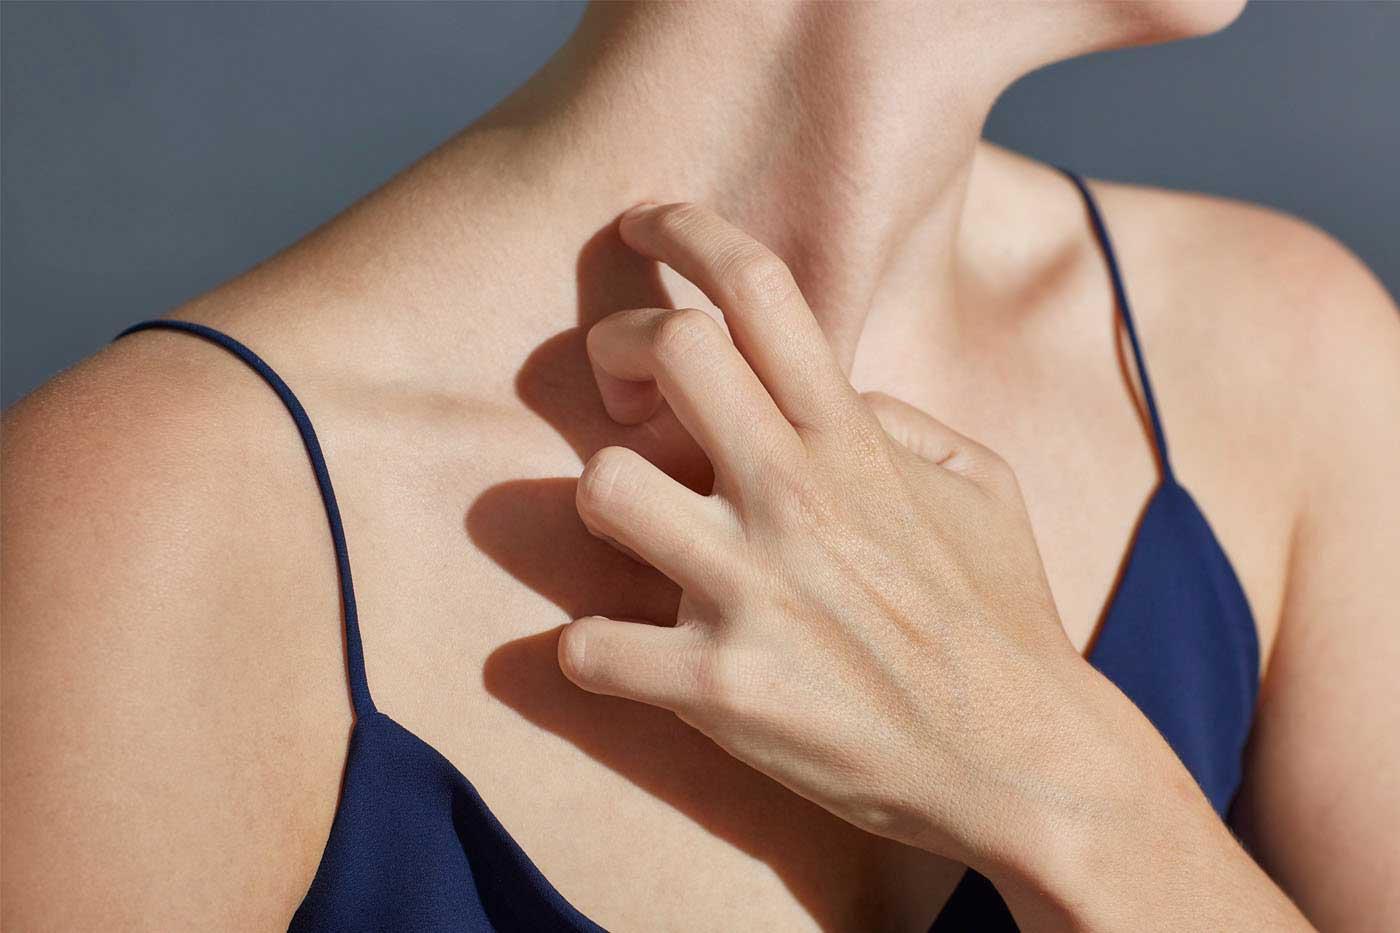 łuszczyca przewlekła i nawrotowa choroba skóry